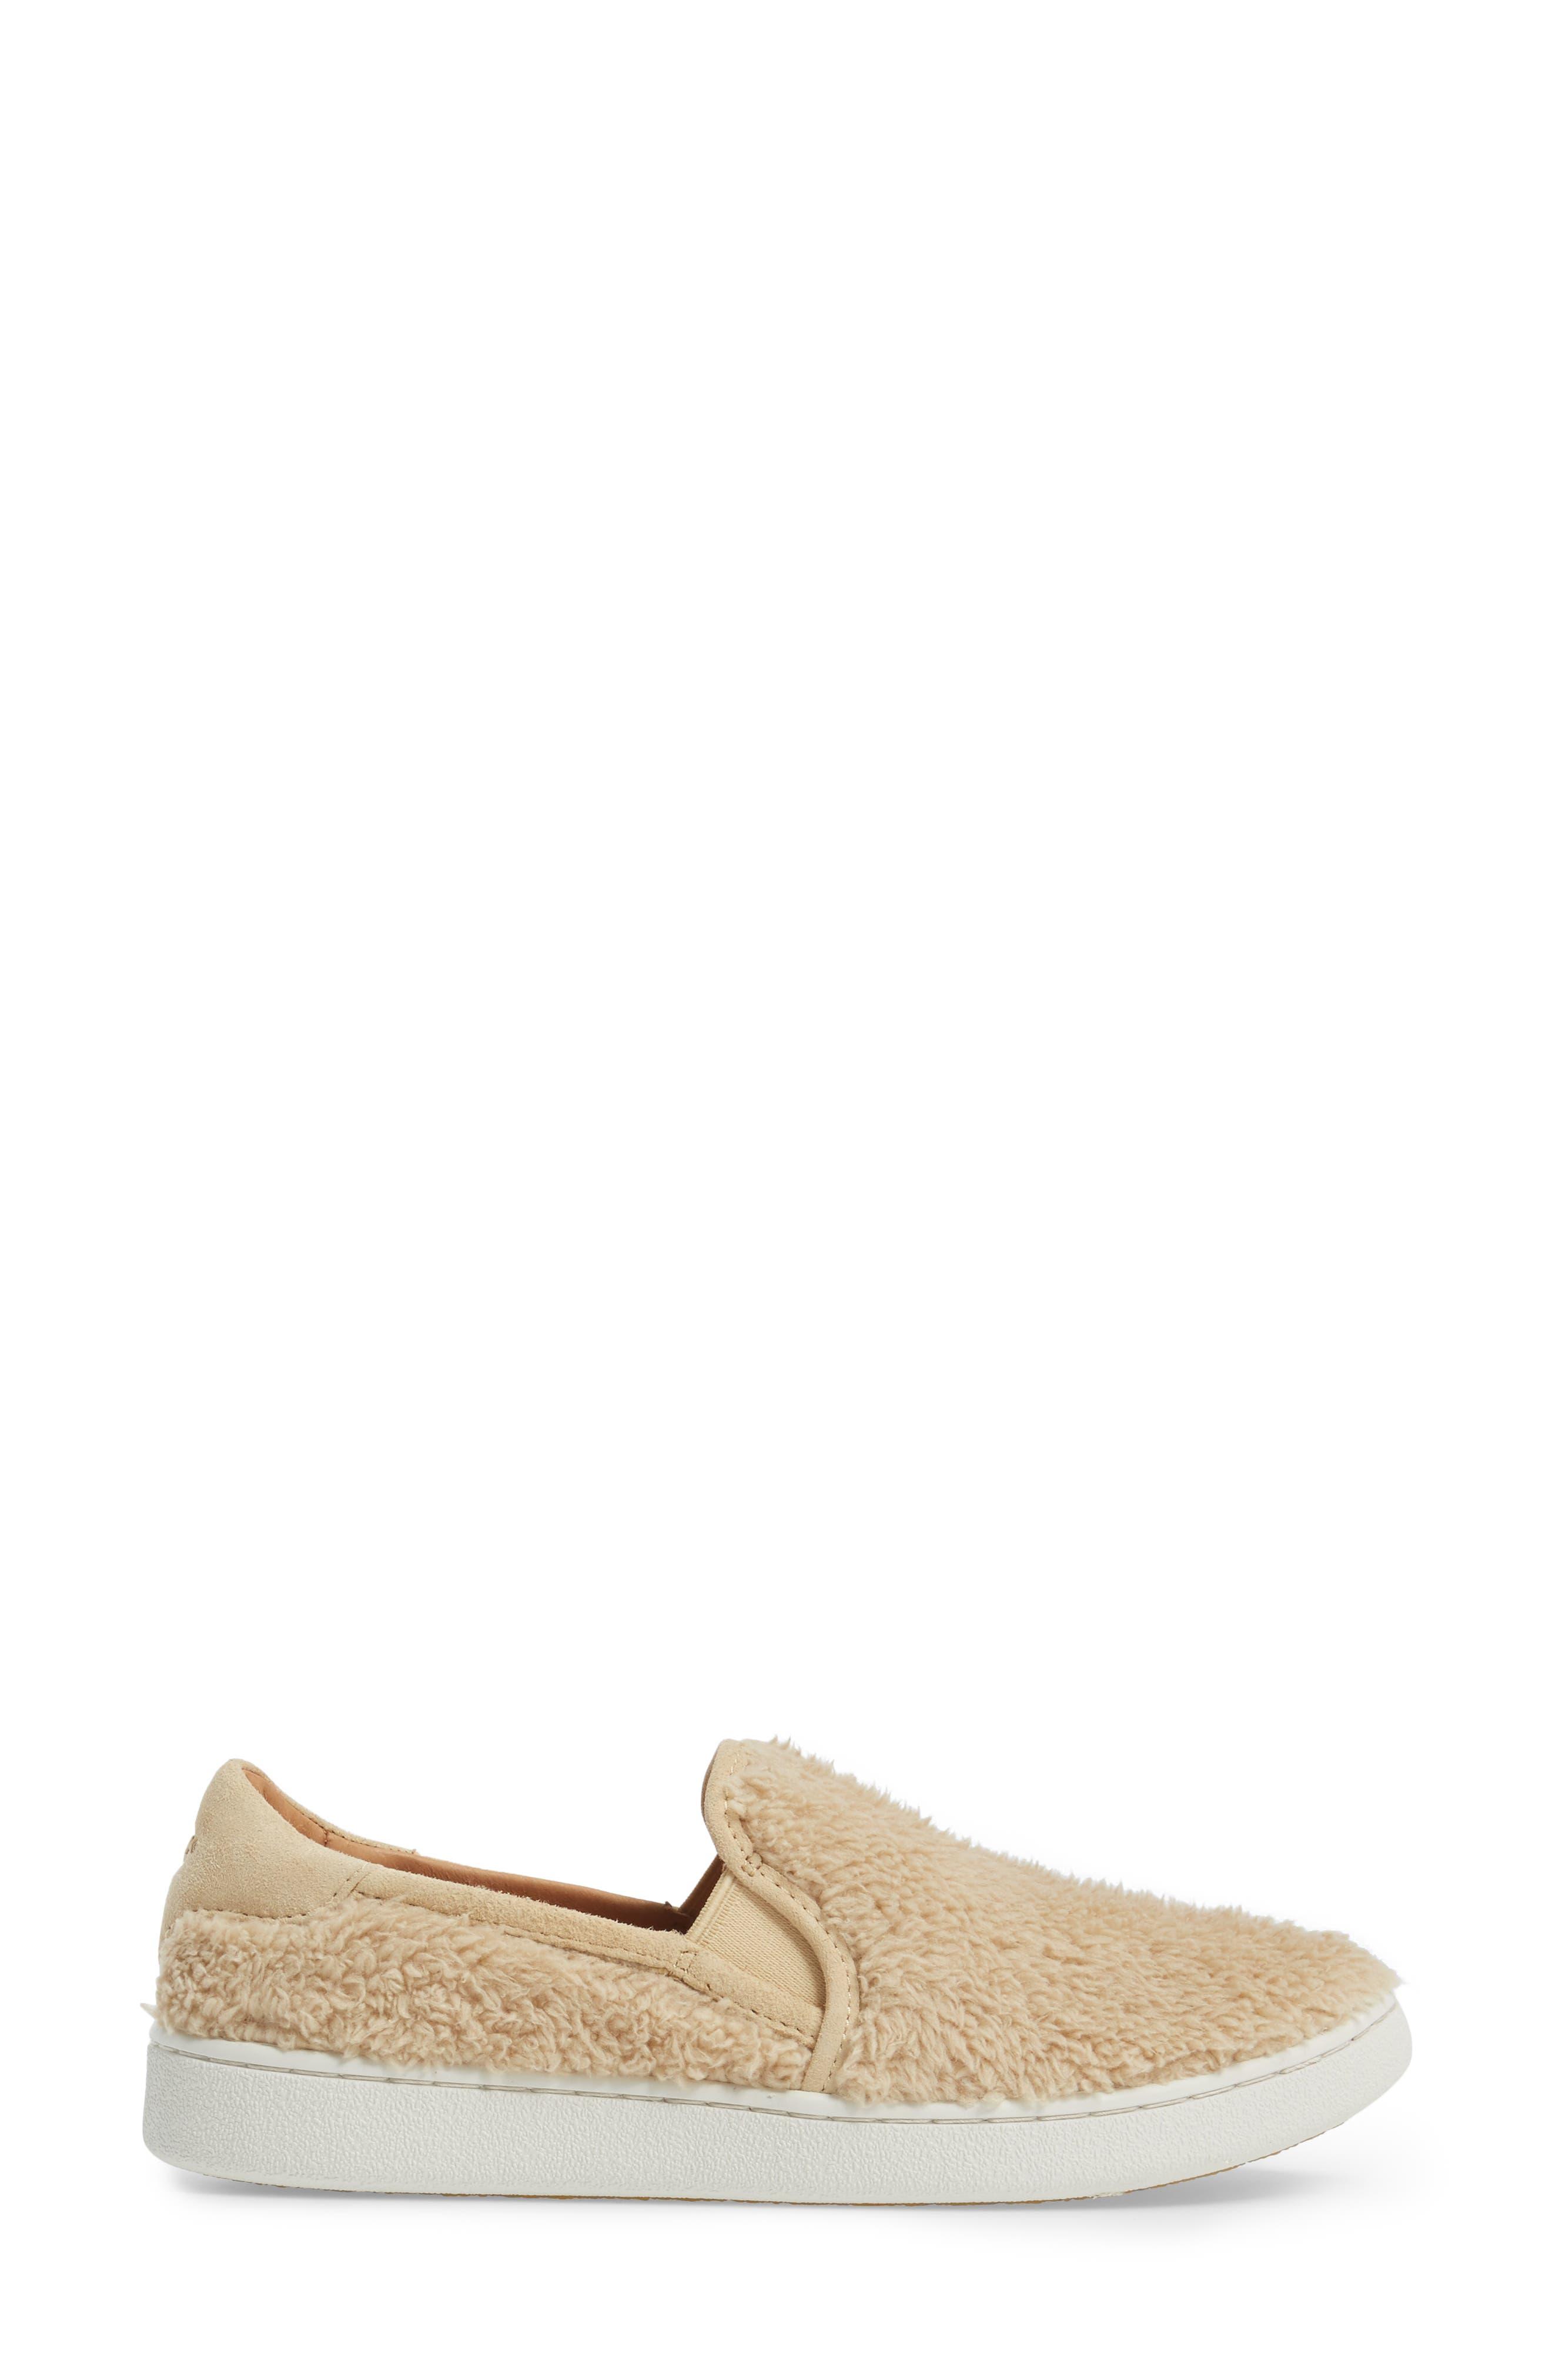 Alternate Image 3  - UGG® Ricci Plush Slip-On Sneaker (Women)